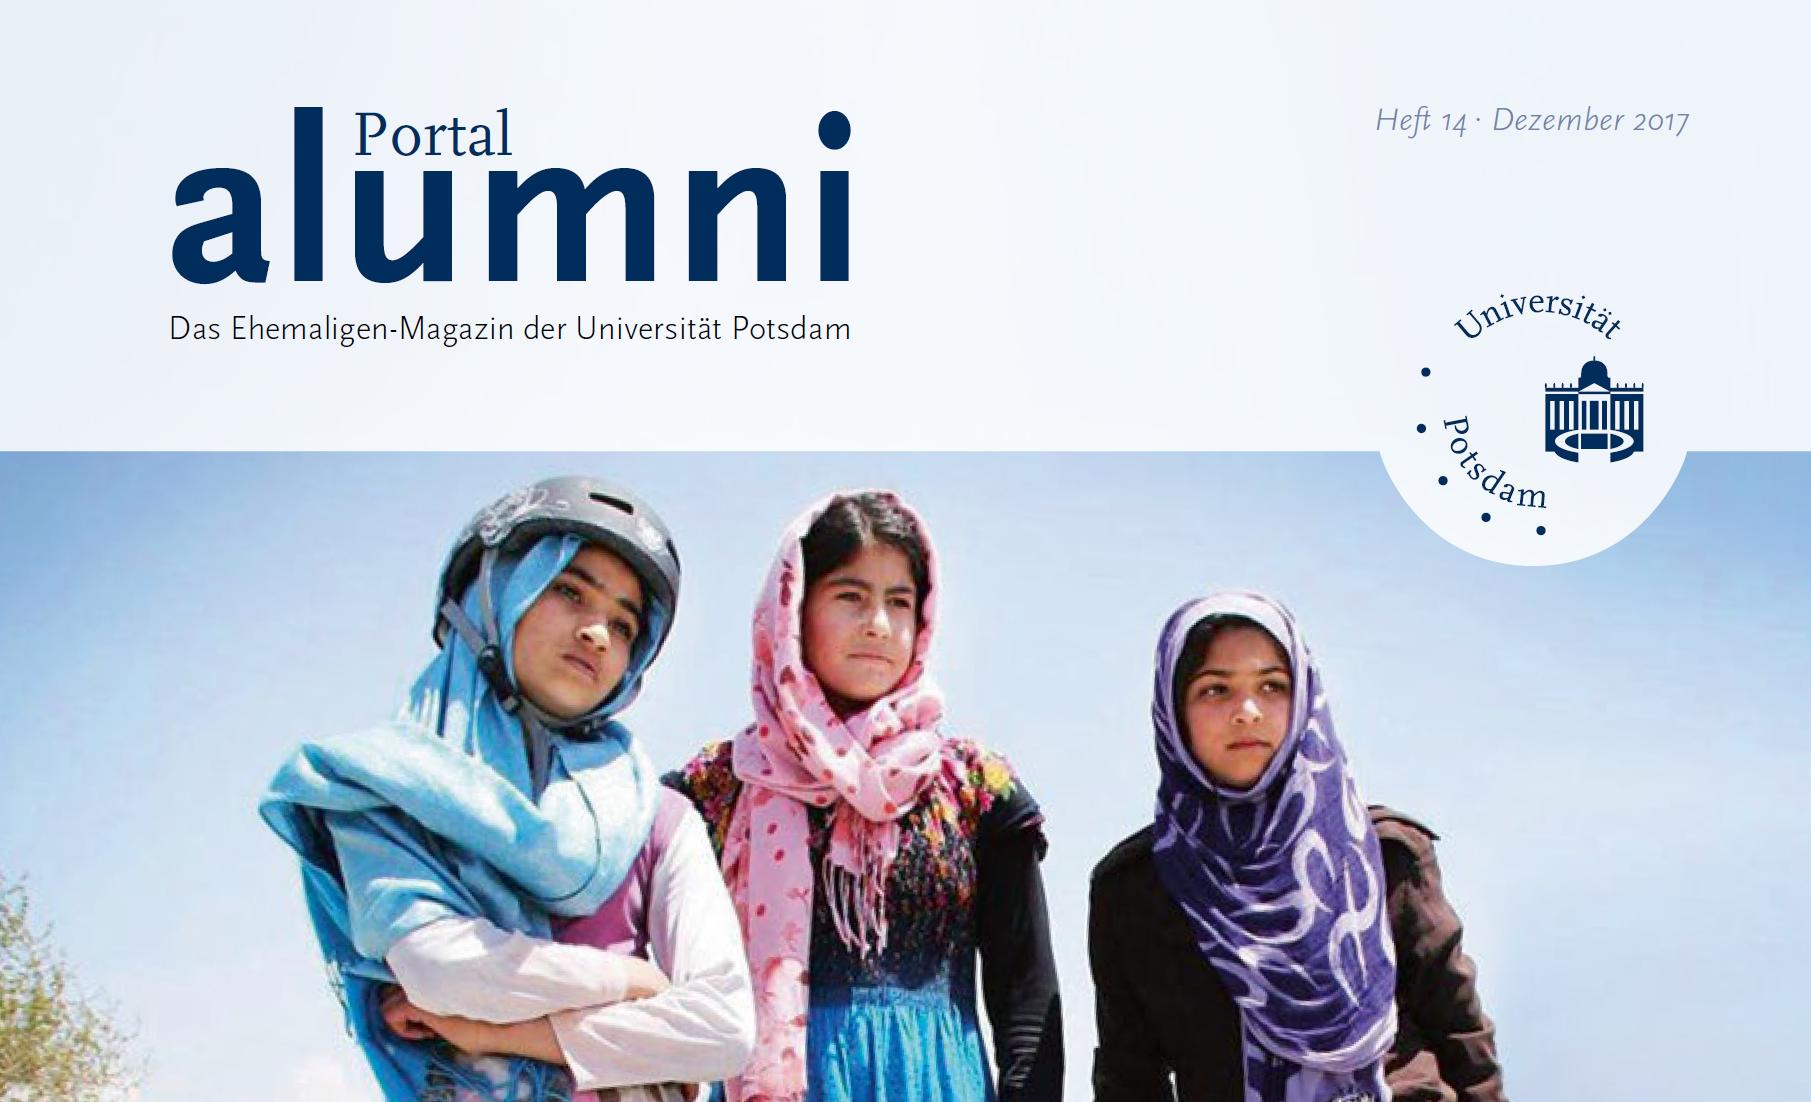 Alumnizeitschrift der Uni Potsdam berichtet über den ASA-FF